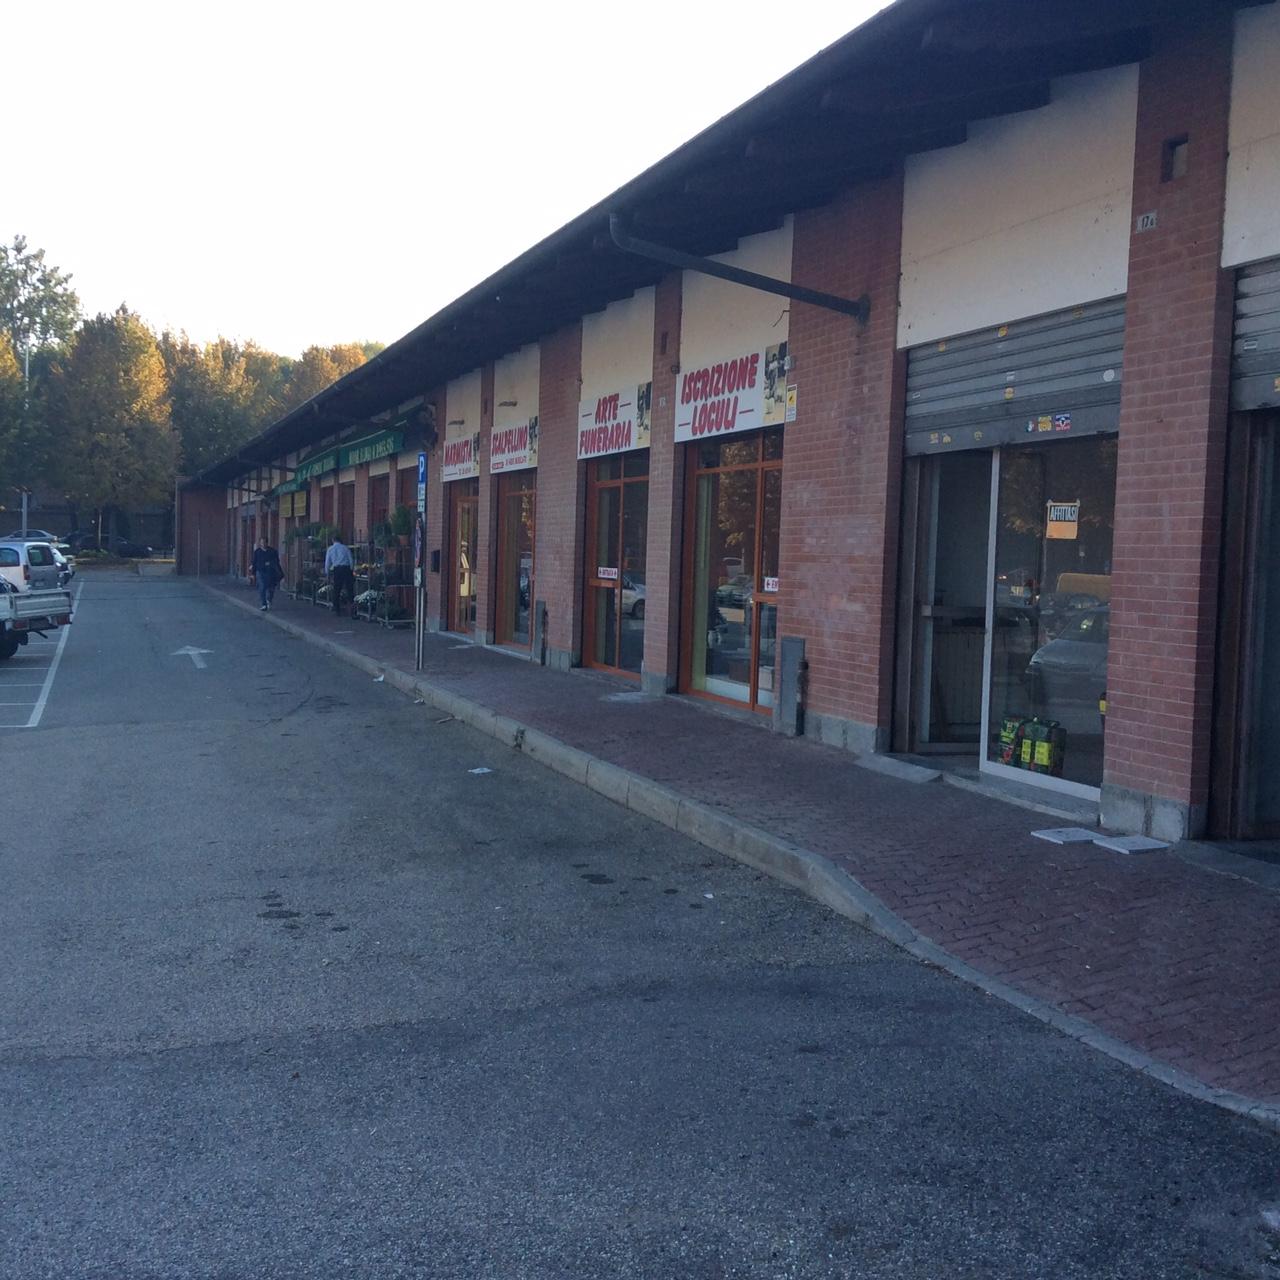 Negozio / Locale in vendita a Rivoli, 9999 locali, zona Località: Centro, prezzo € 220.000 | Cambio Casa.it